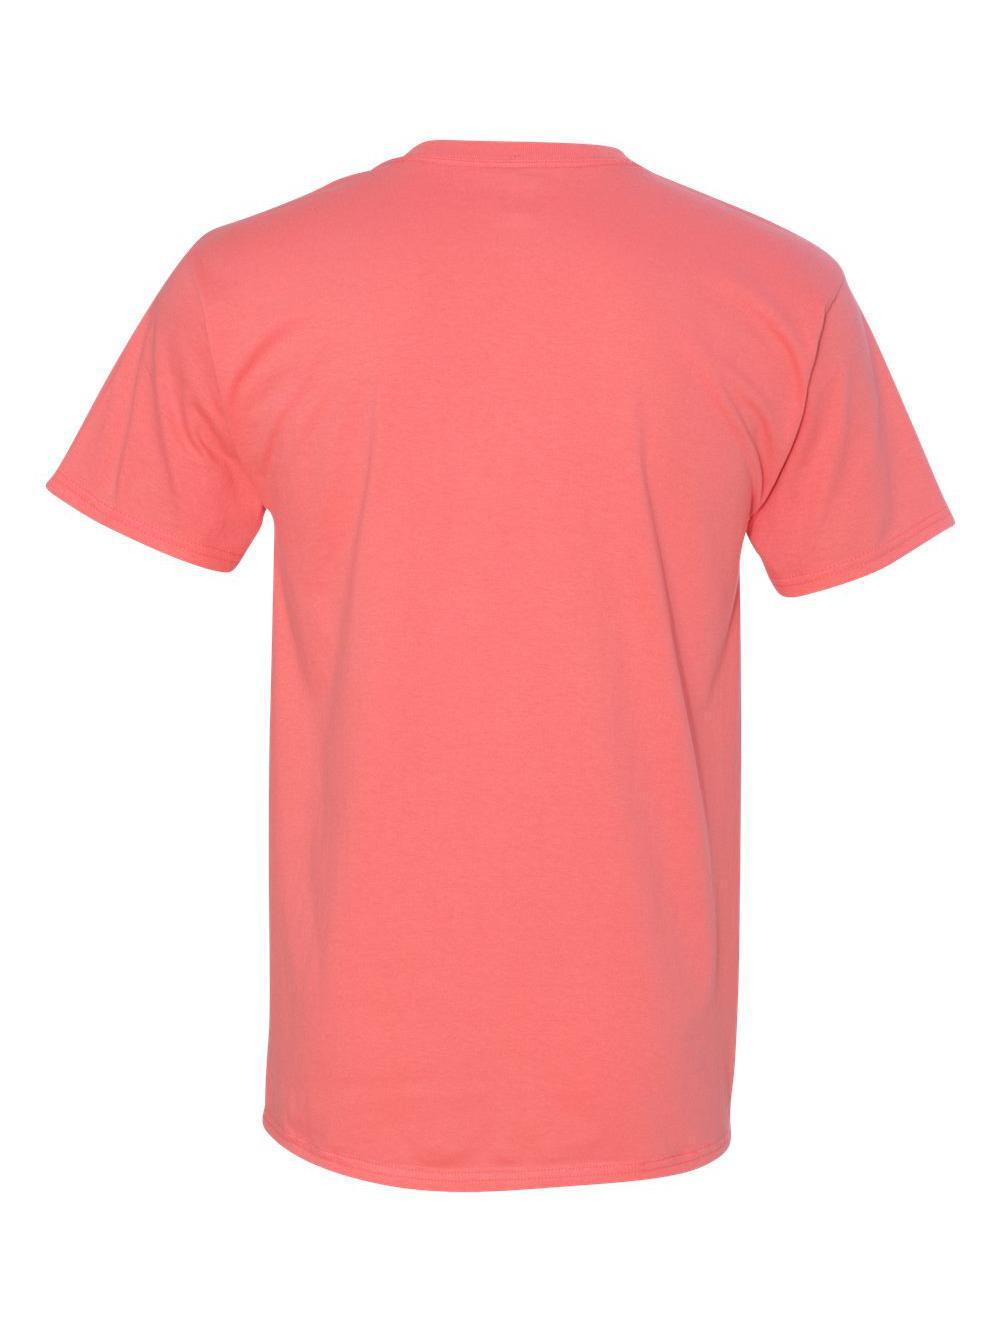 Hanes-Tagless-T-Shirt-5250 thumbnail 28